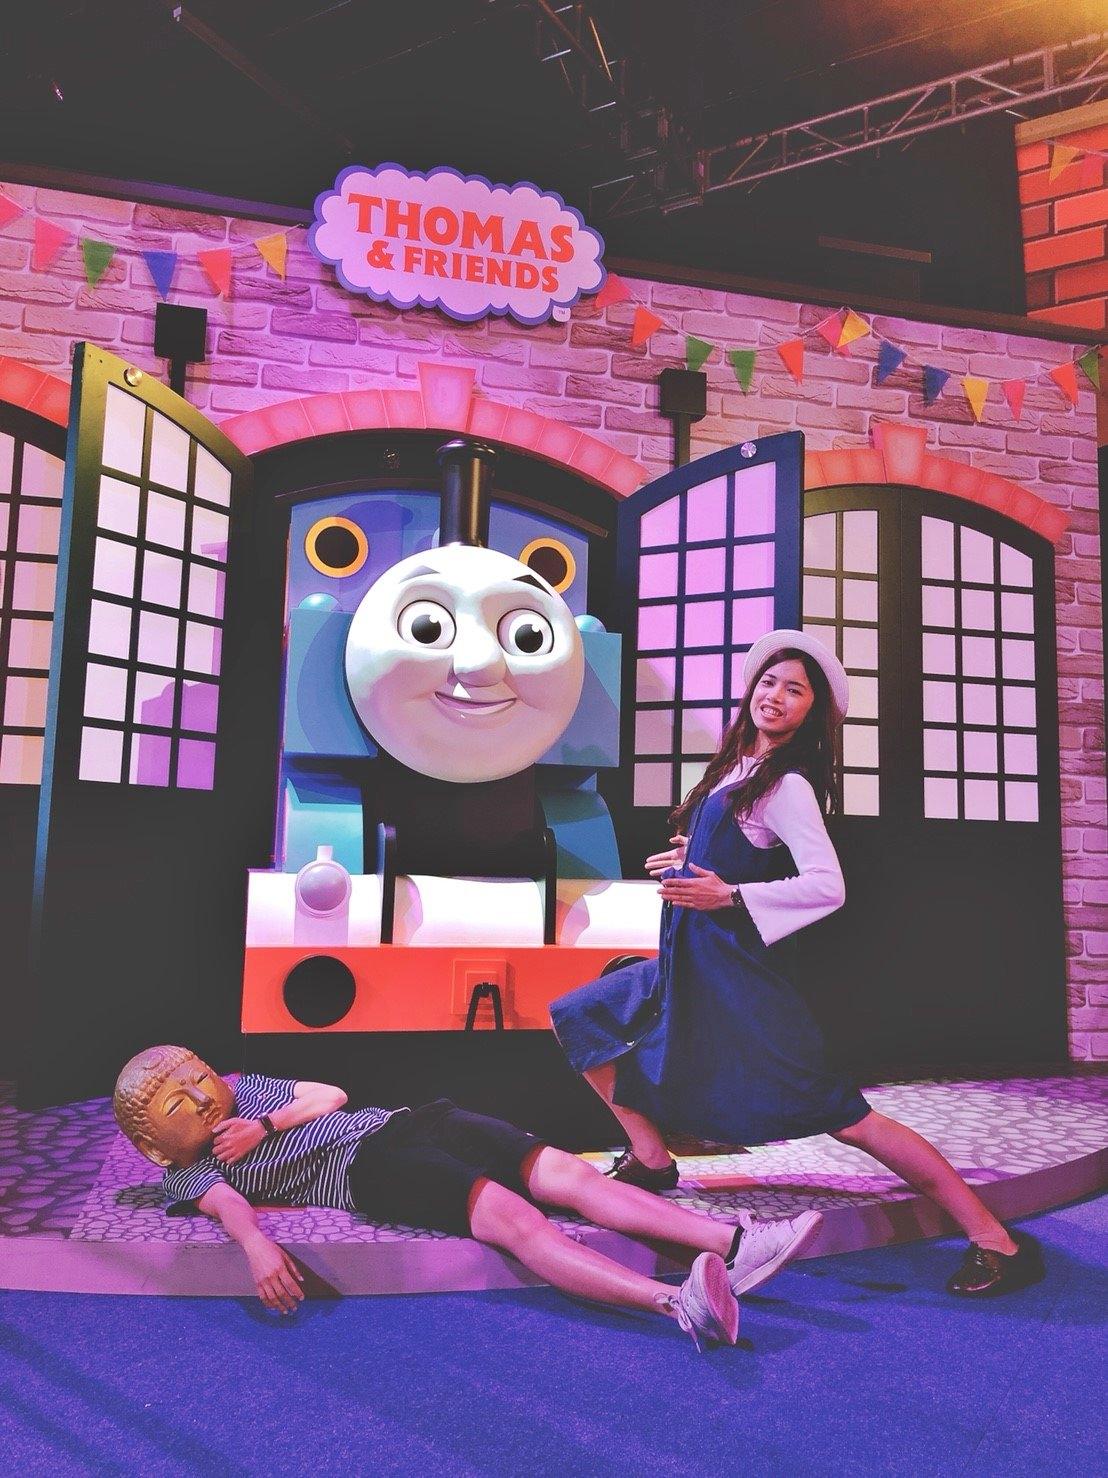 [澳門早餐推薦]Thomas & The Little Big Club 群星嘉年華-卡通人物動感歌舞~超推薦親子行程(現已改為下午茶派對) @美食好芃友